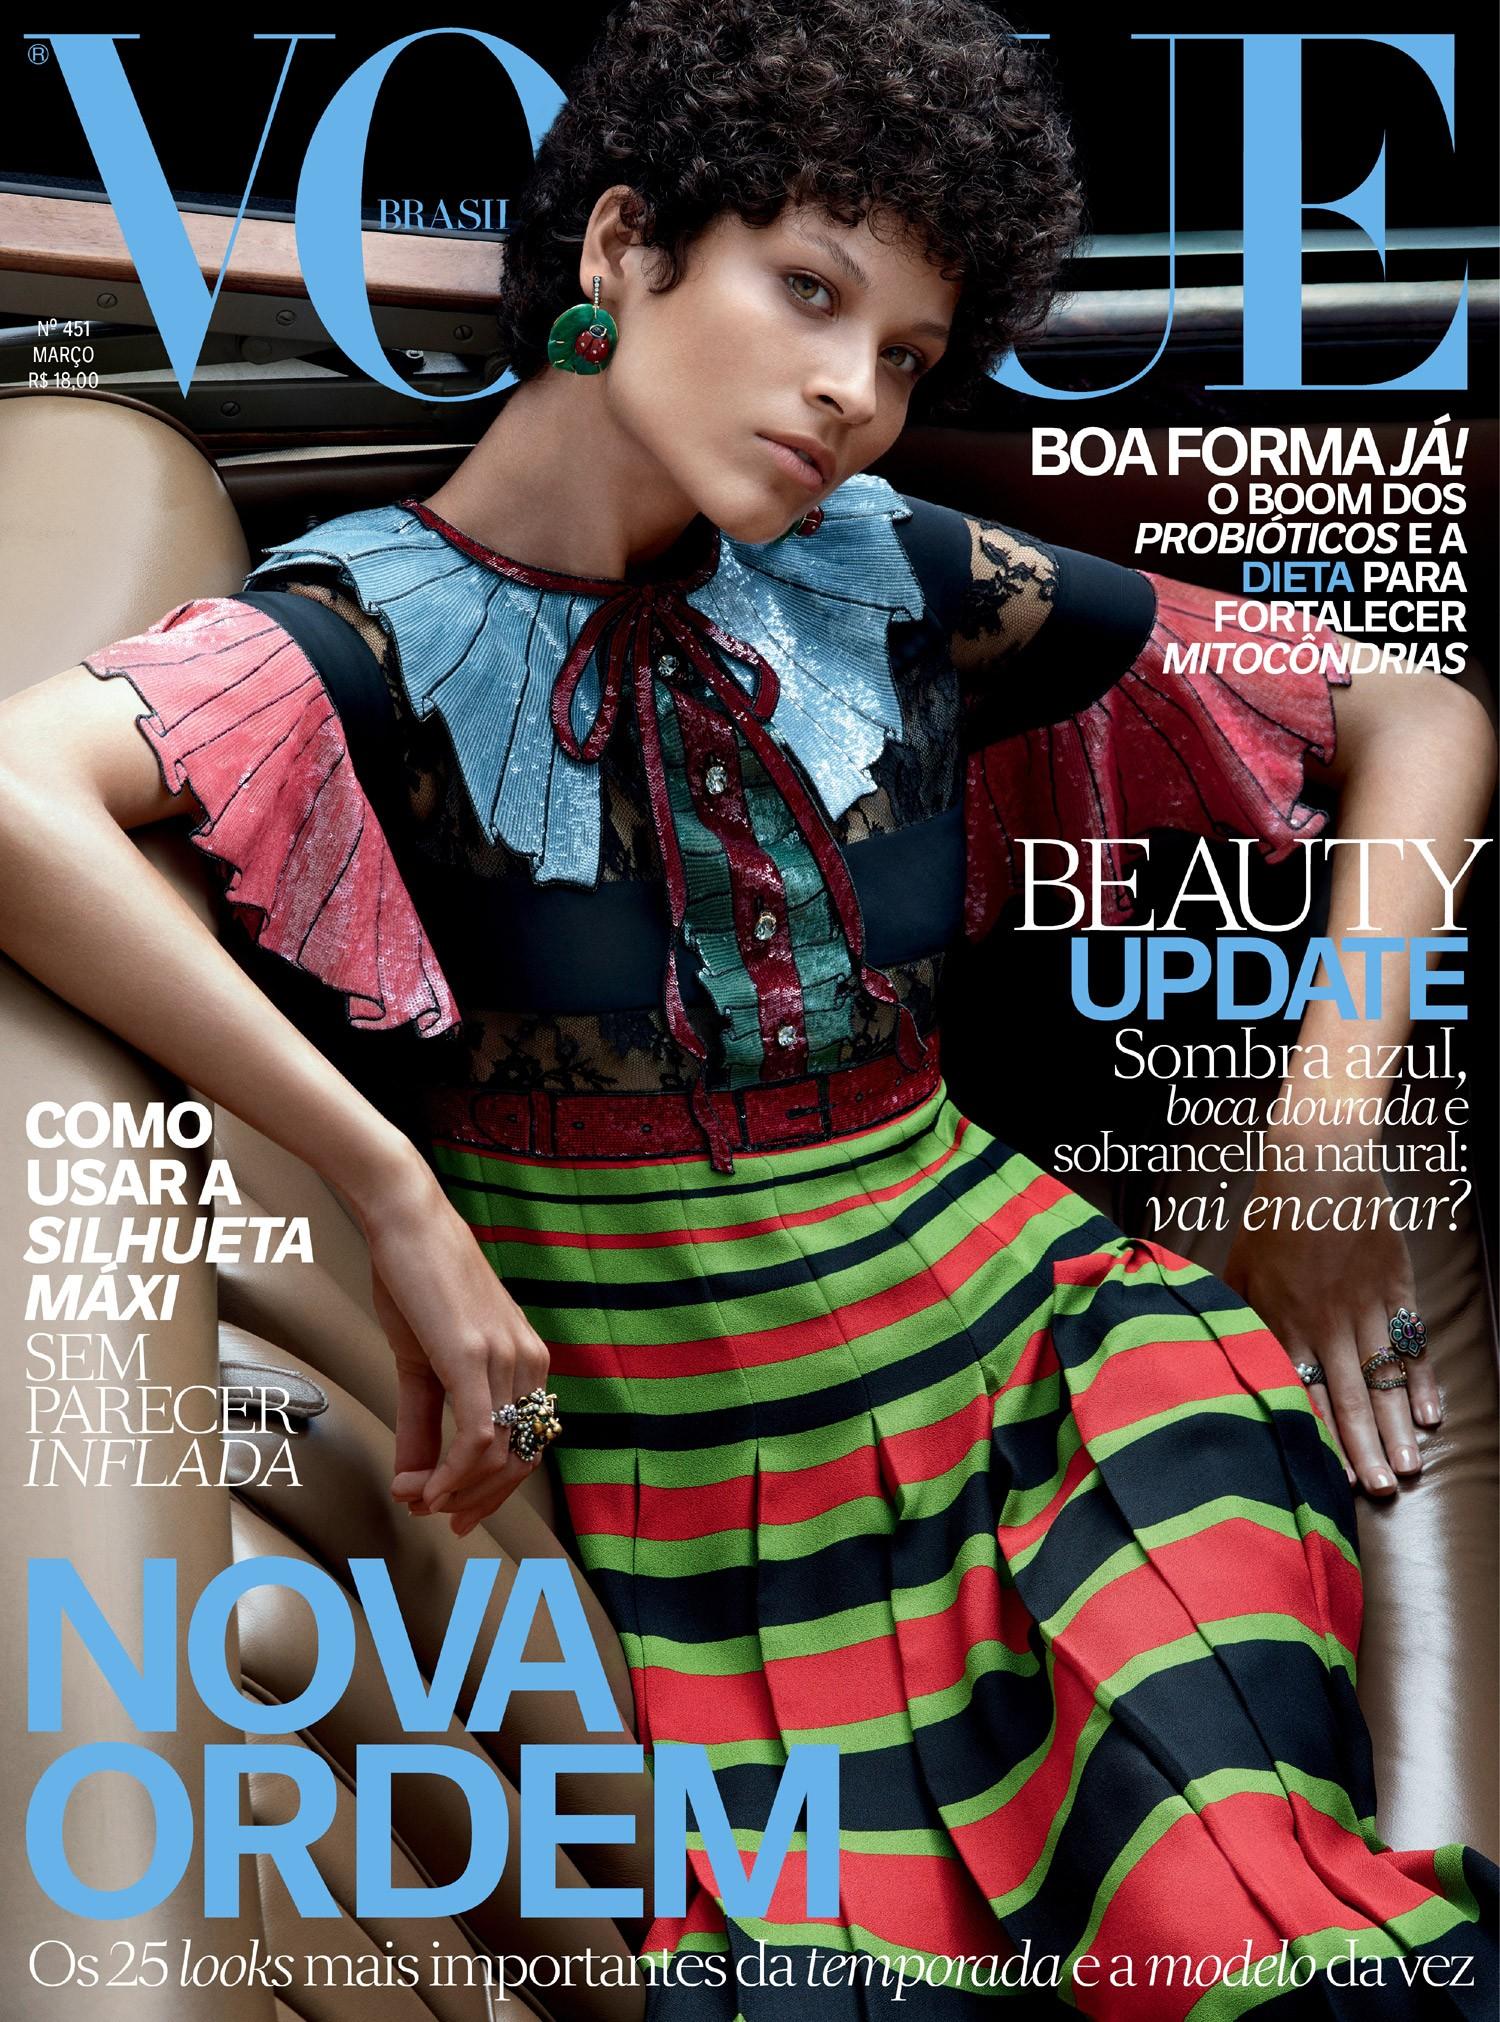 Ari Westphal na Vogue de março (Foto: Reprodução/Vogue Brasil)